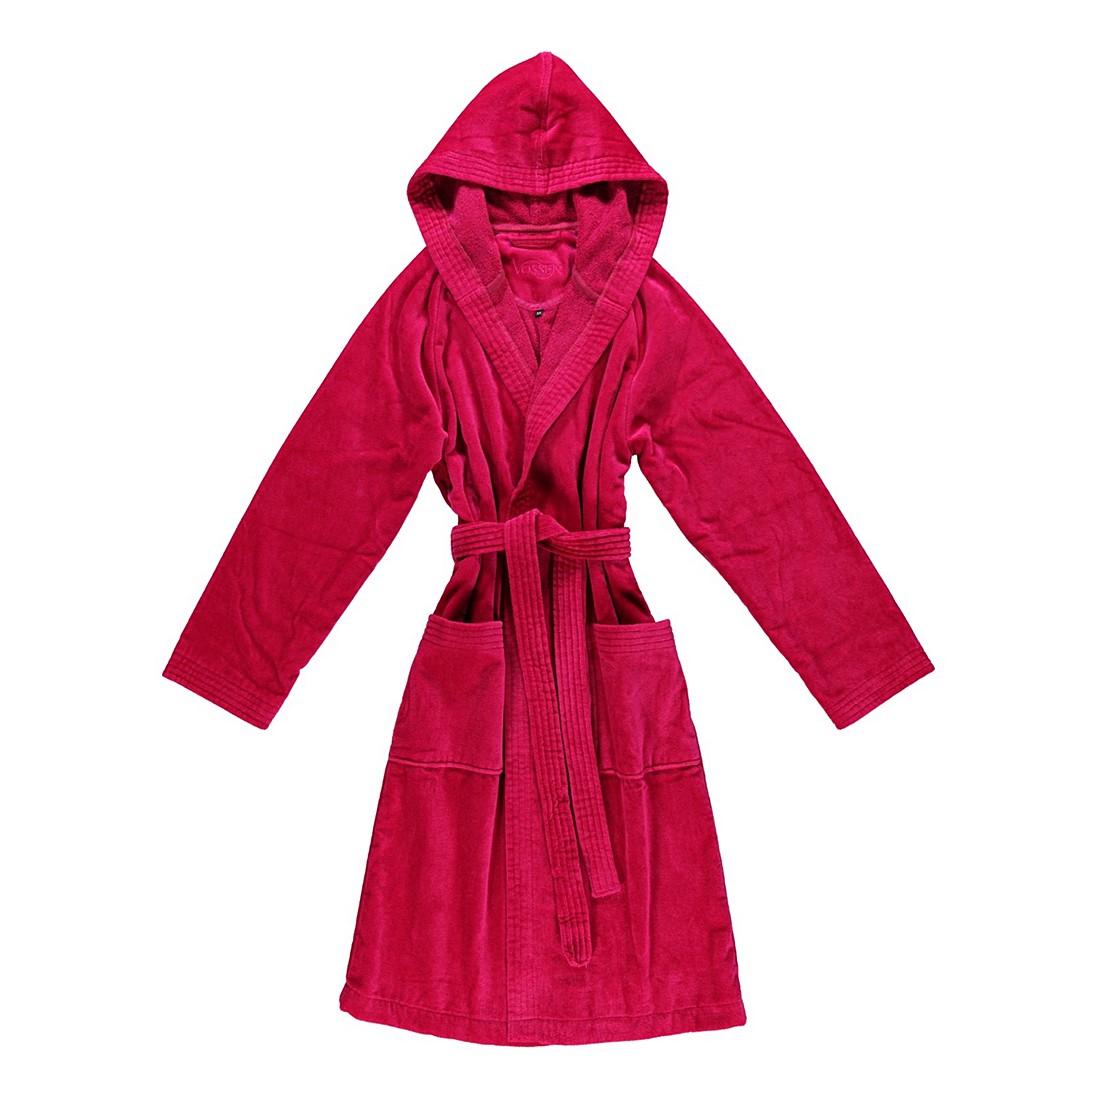 Bademantel Texas – Damen – Velours – 100% Baumwolle cranberry – 377 – Größe: L, Vossen günstig online kaufen